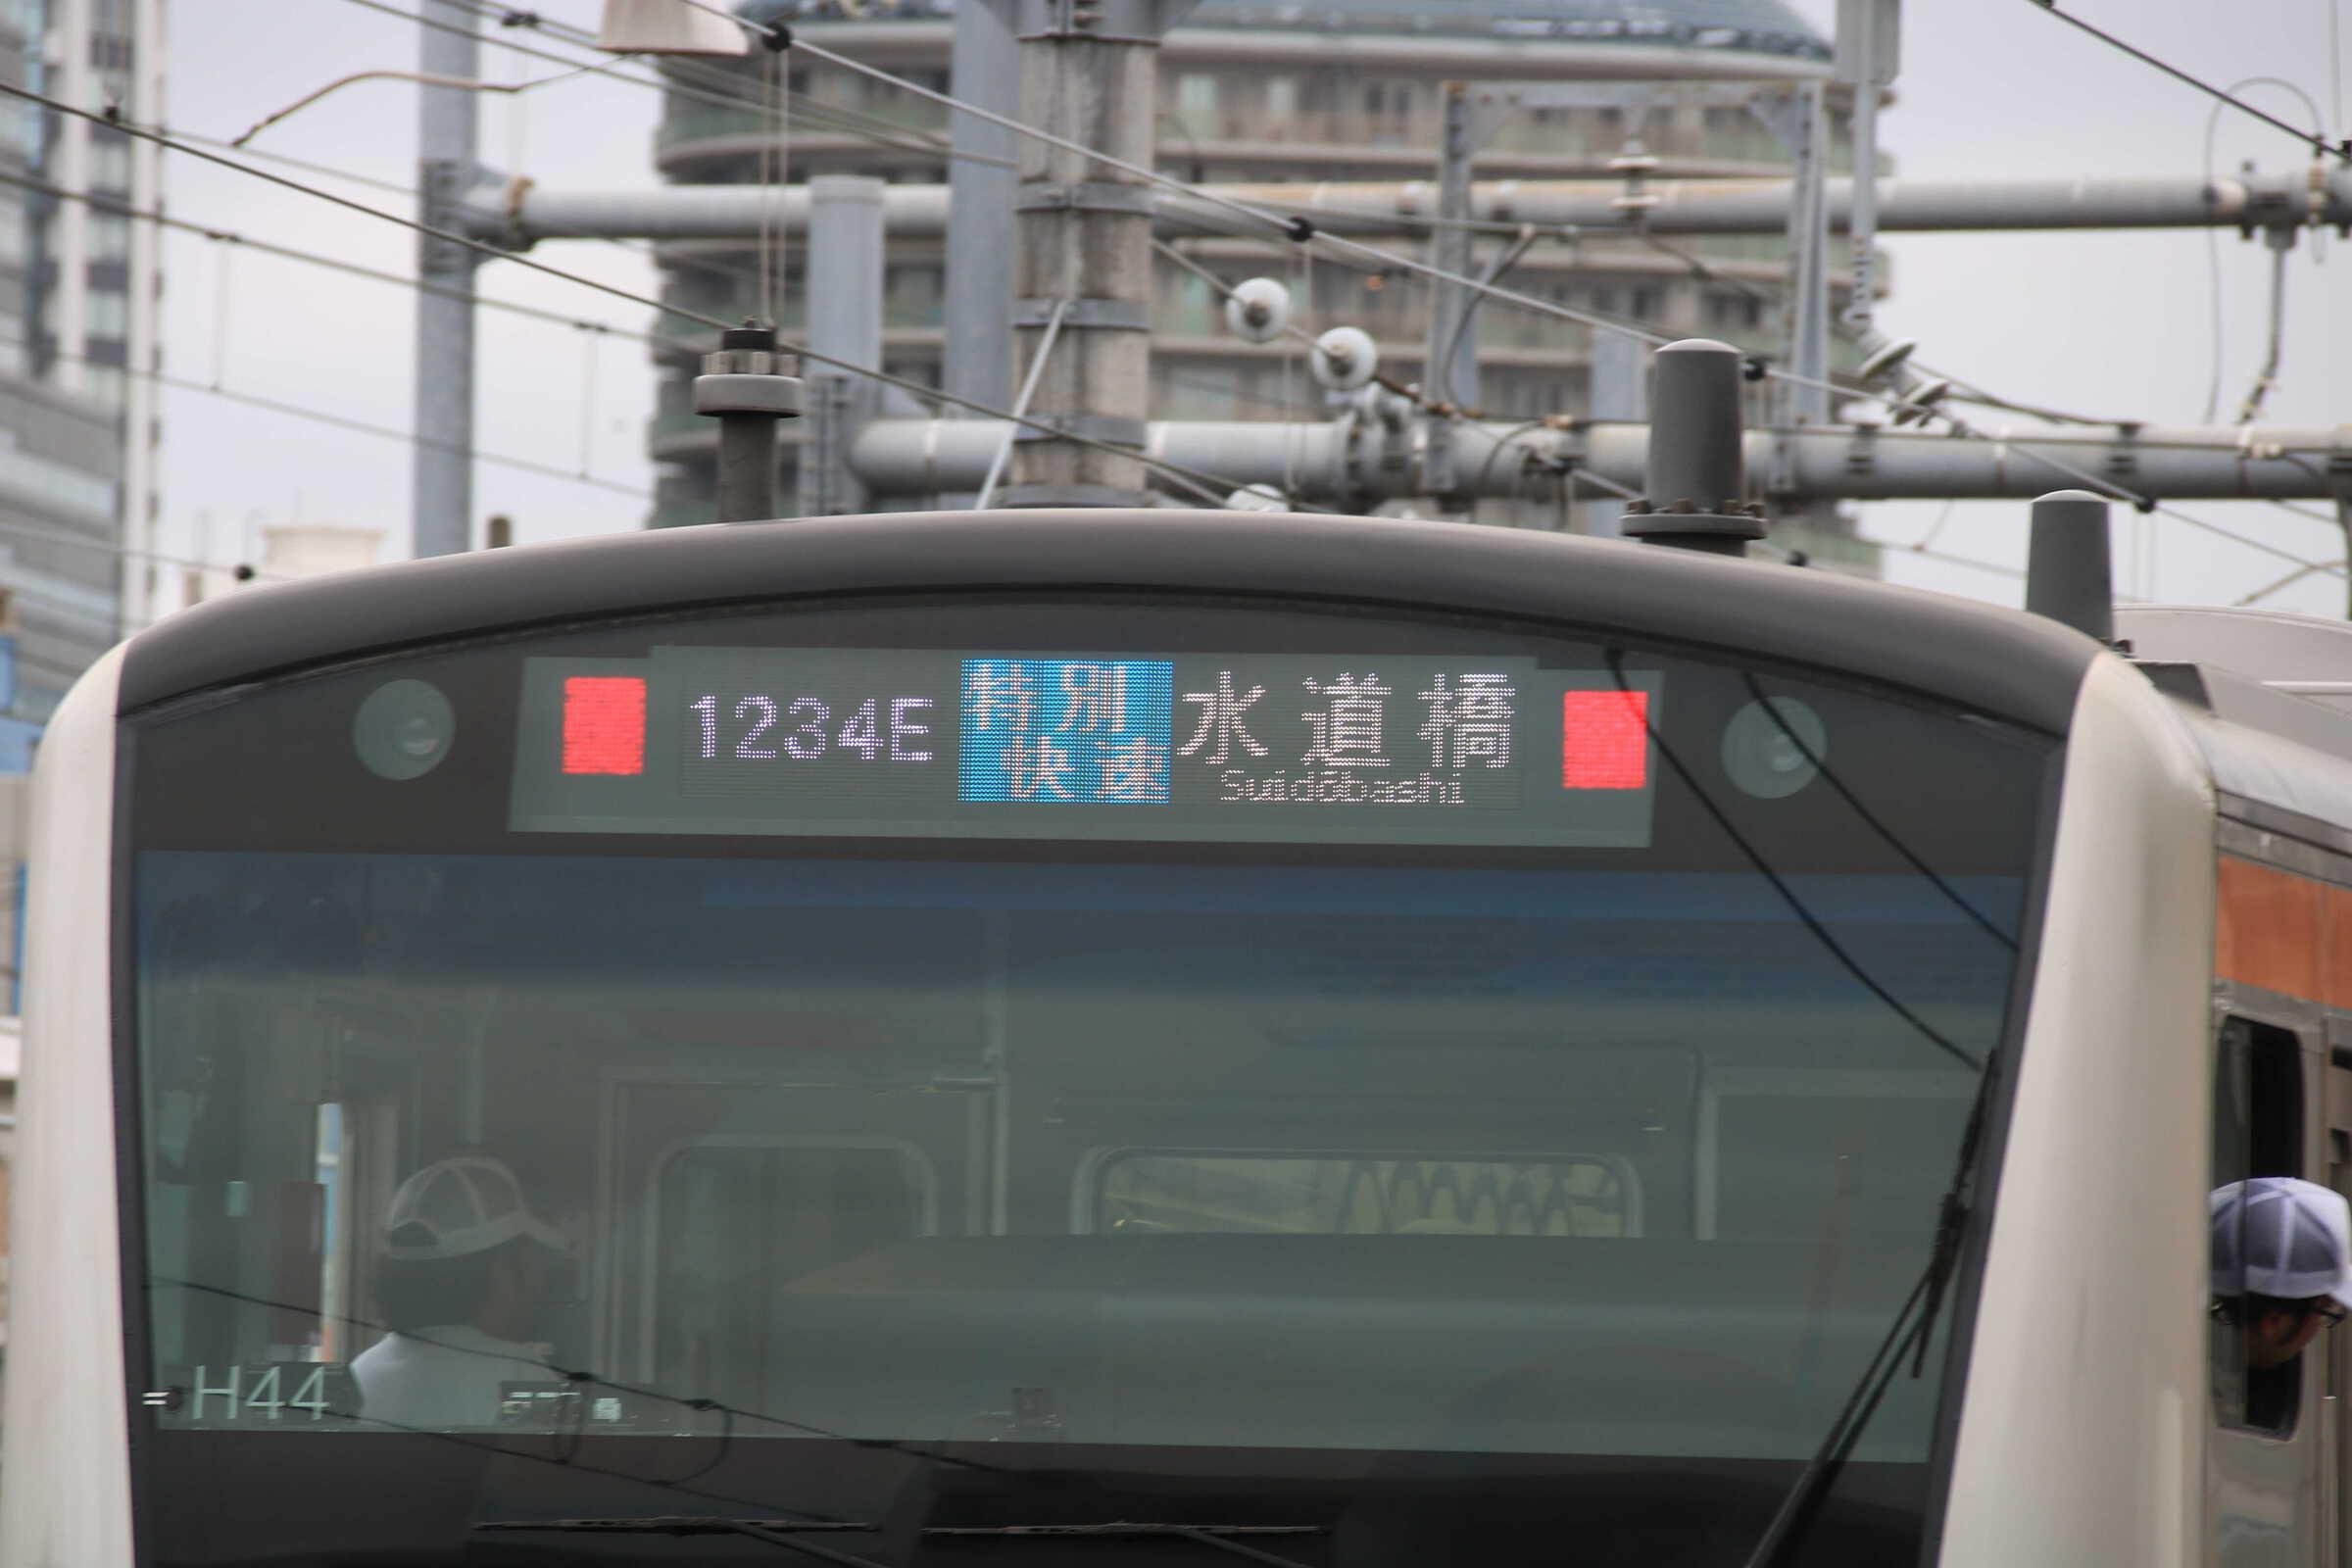 八トタH44編成 1234E 特別快速 水道橋